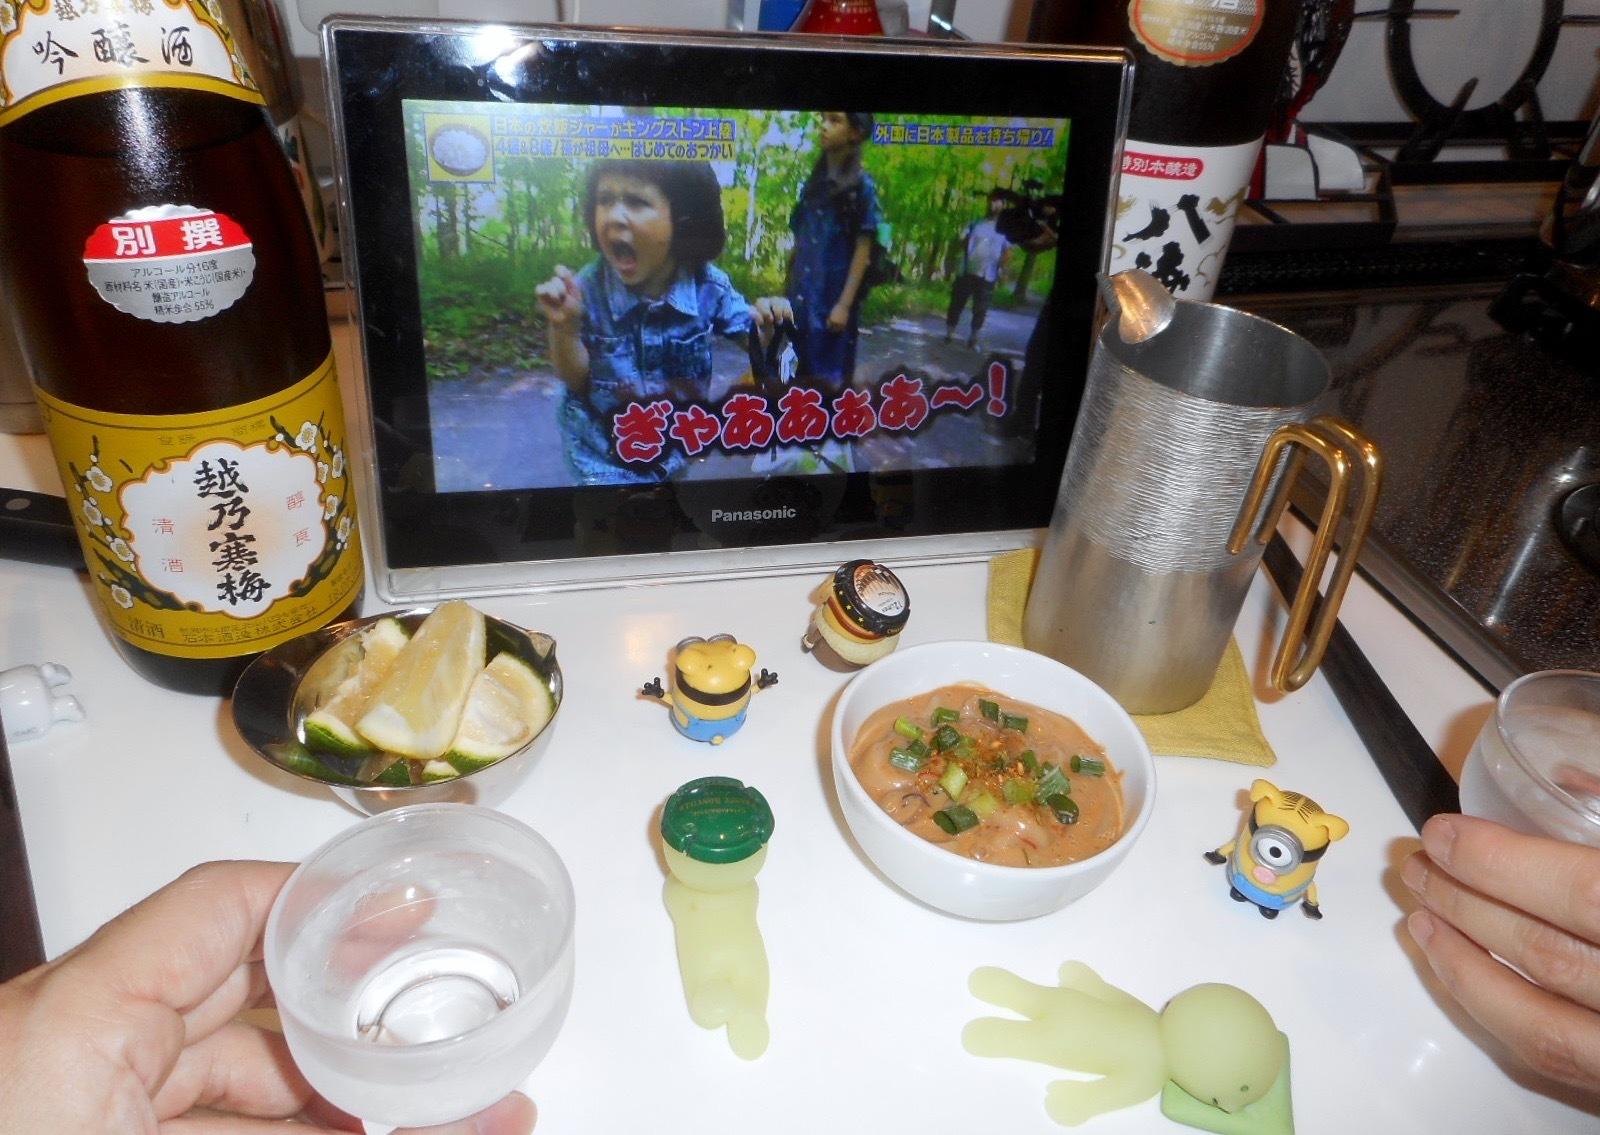 koshinokanbai_ginjo29by3.jpg